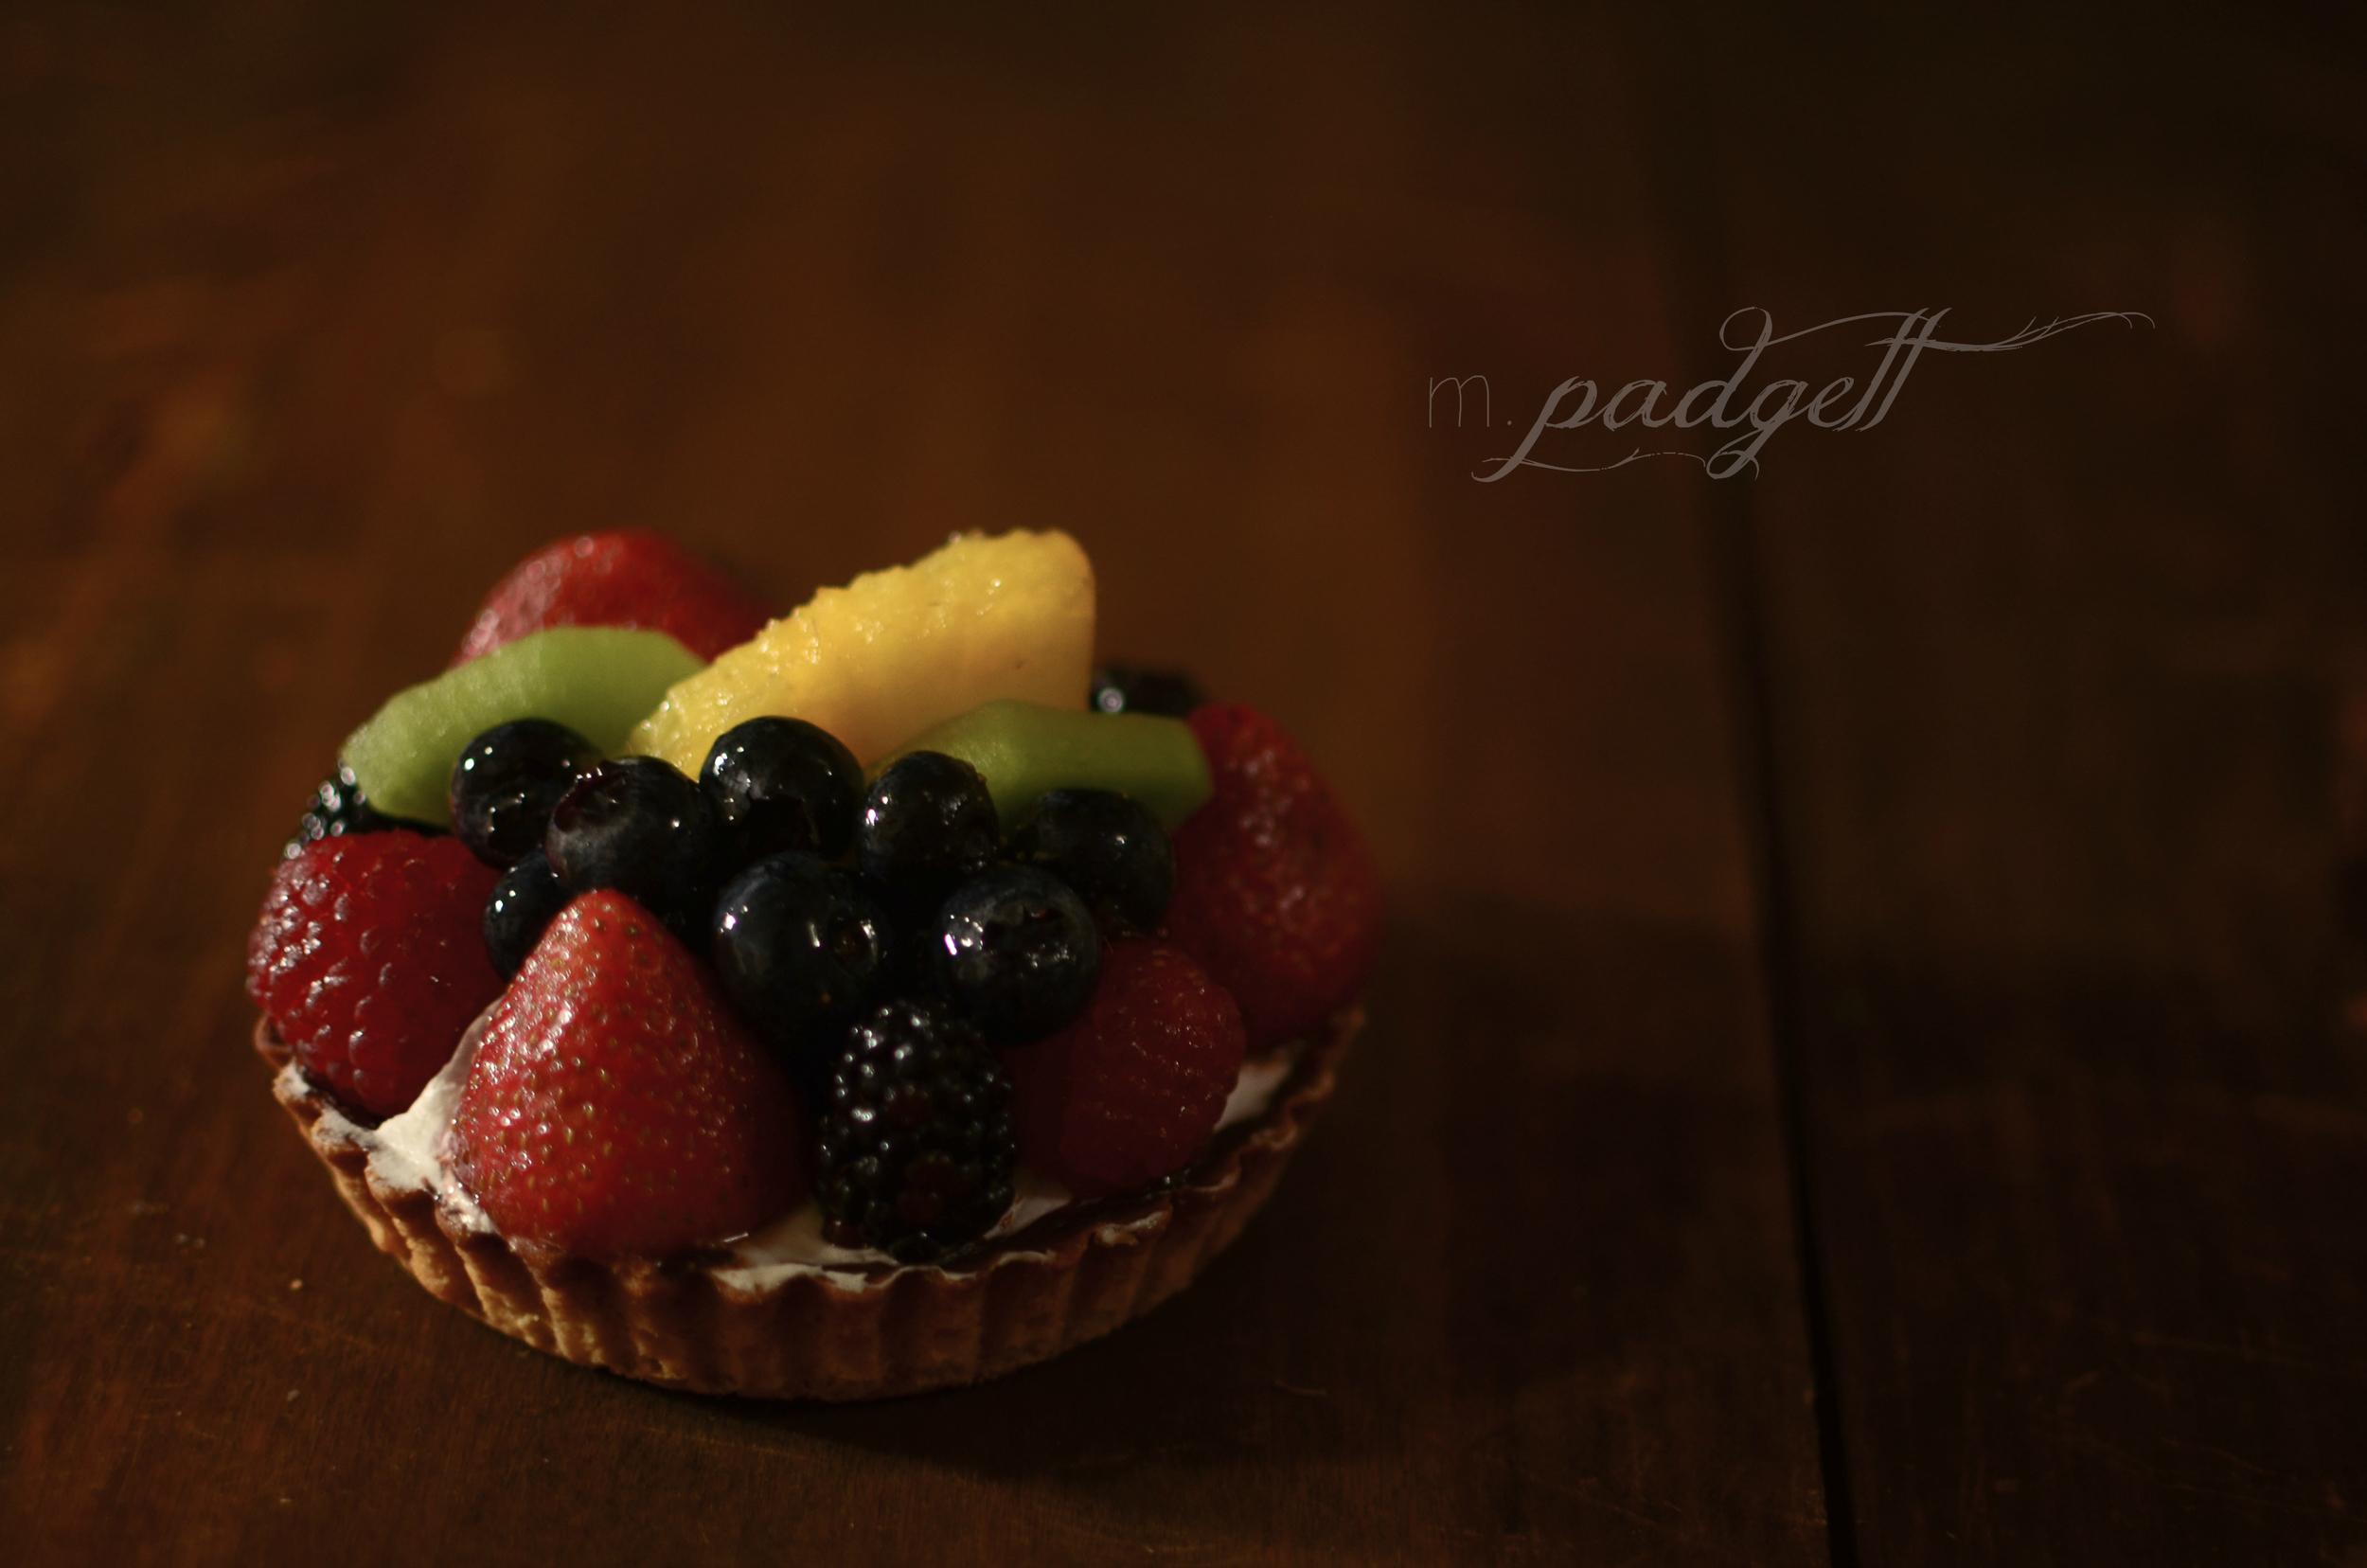 Foodie-33 - watermark.jpg